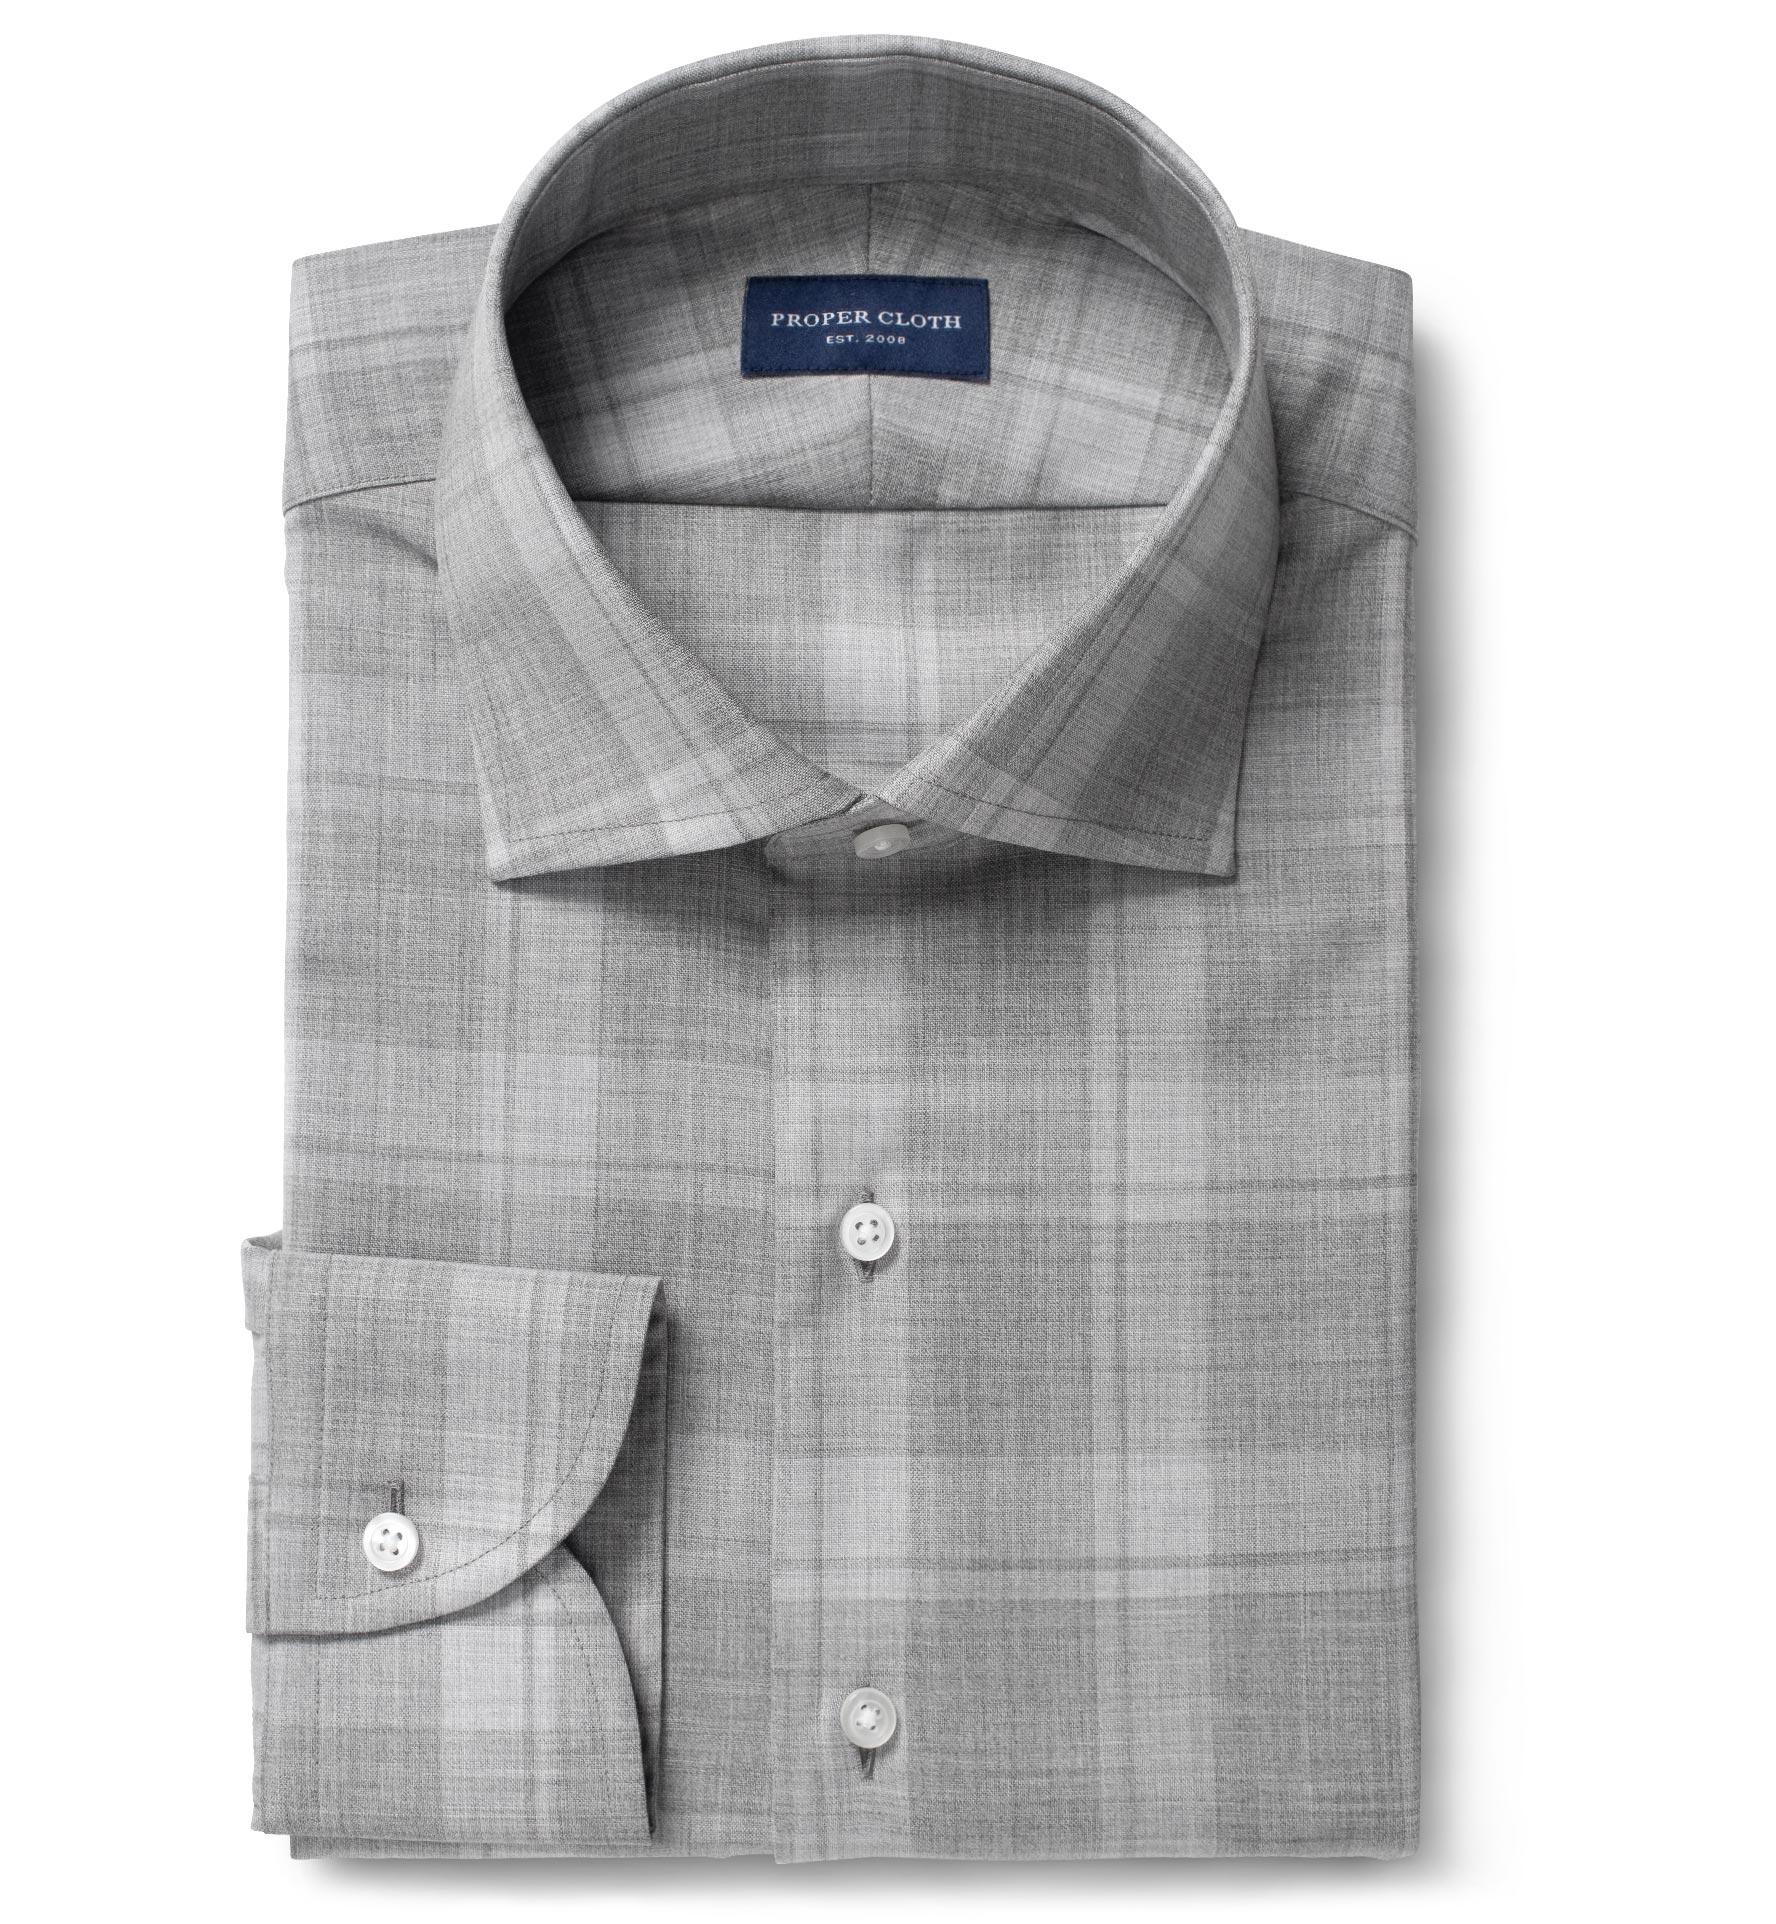 Reda Merino Wool Grey Tonal Plaid Mens Dress Shirt By Proper Cloth